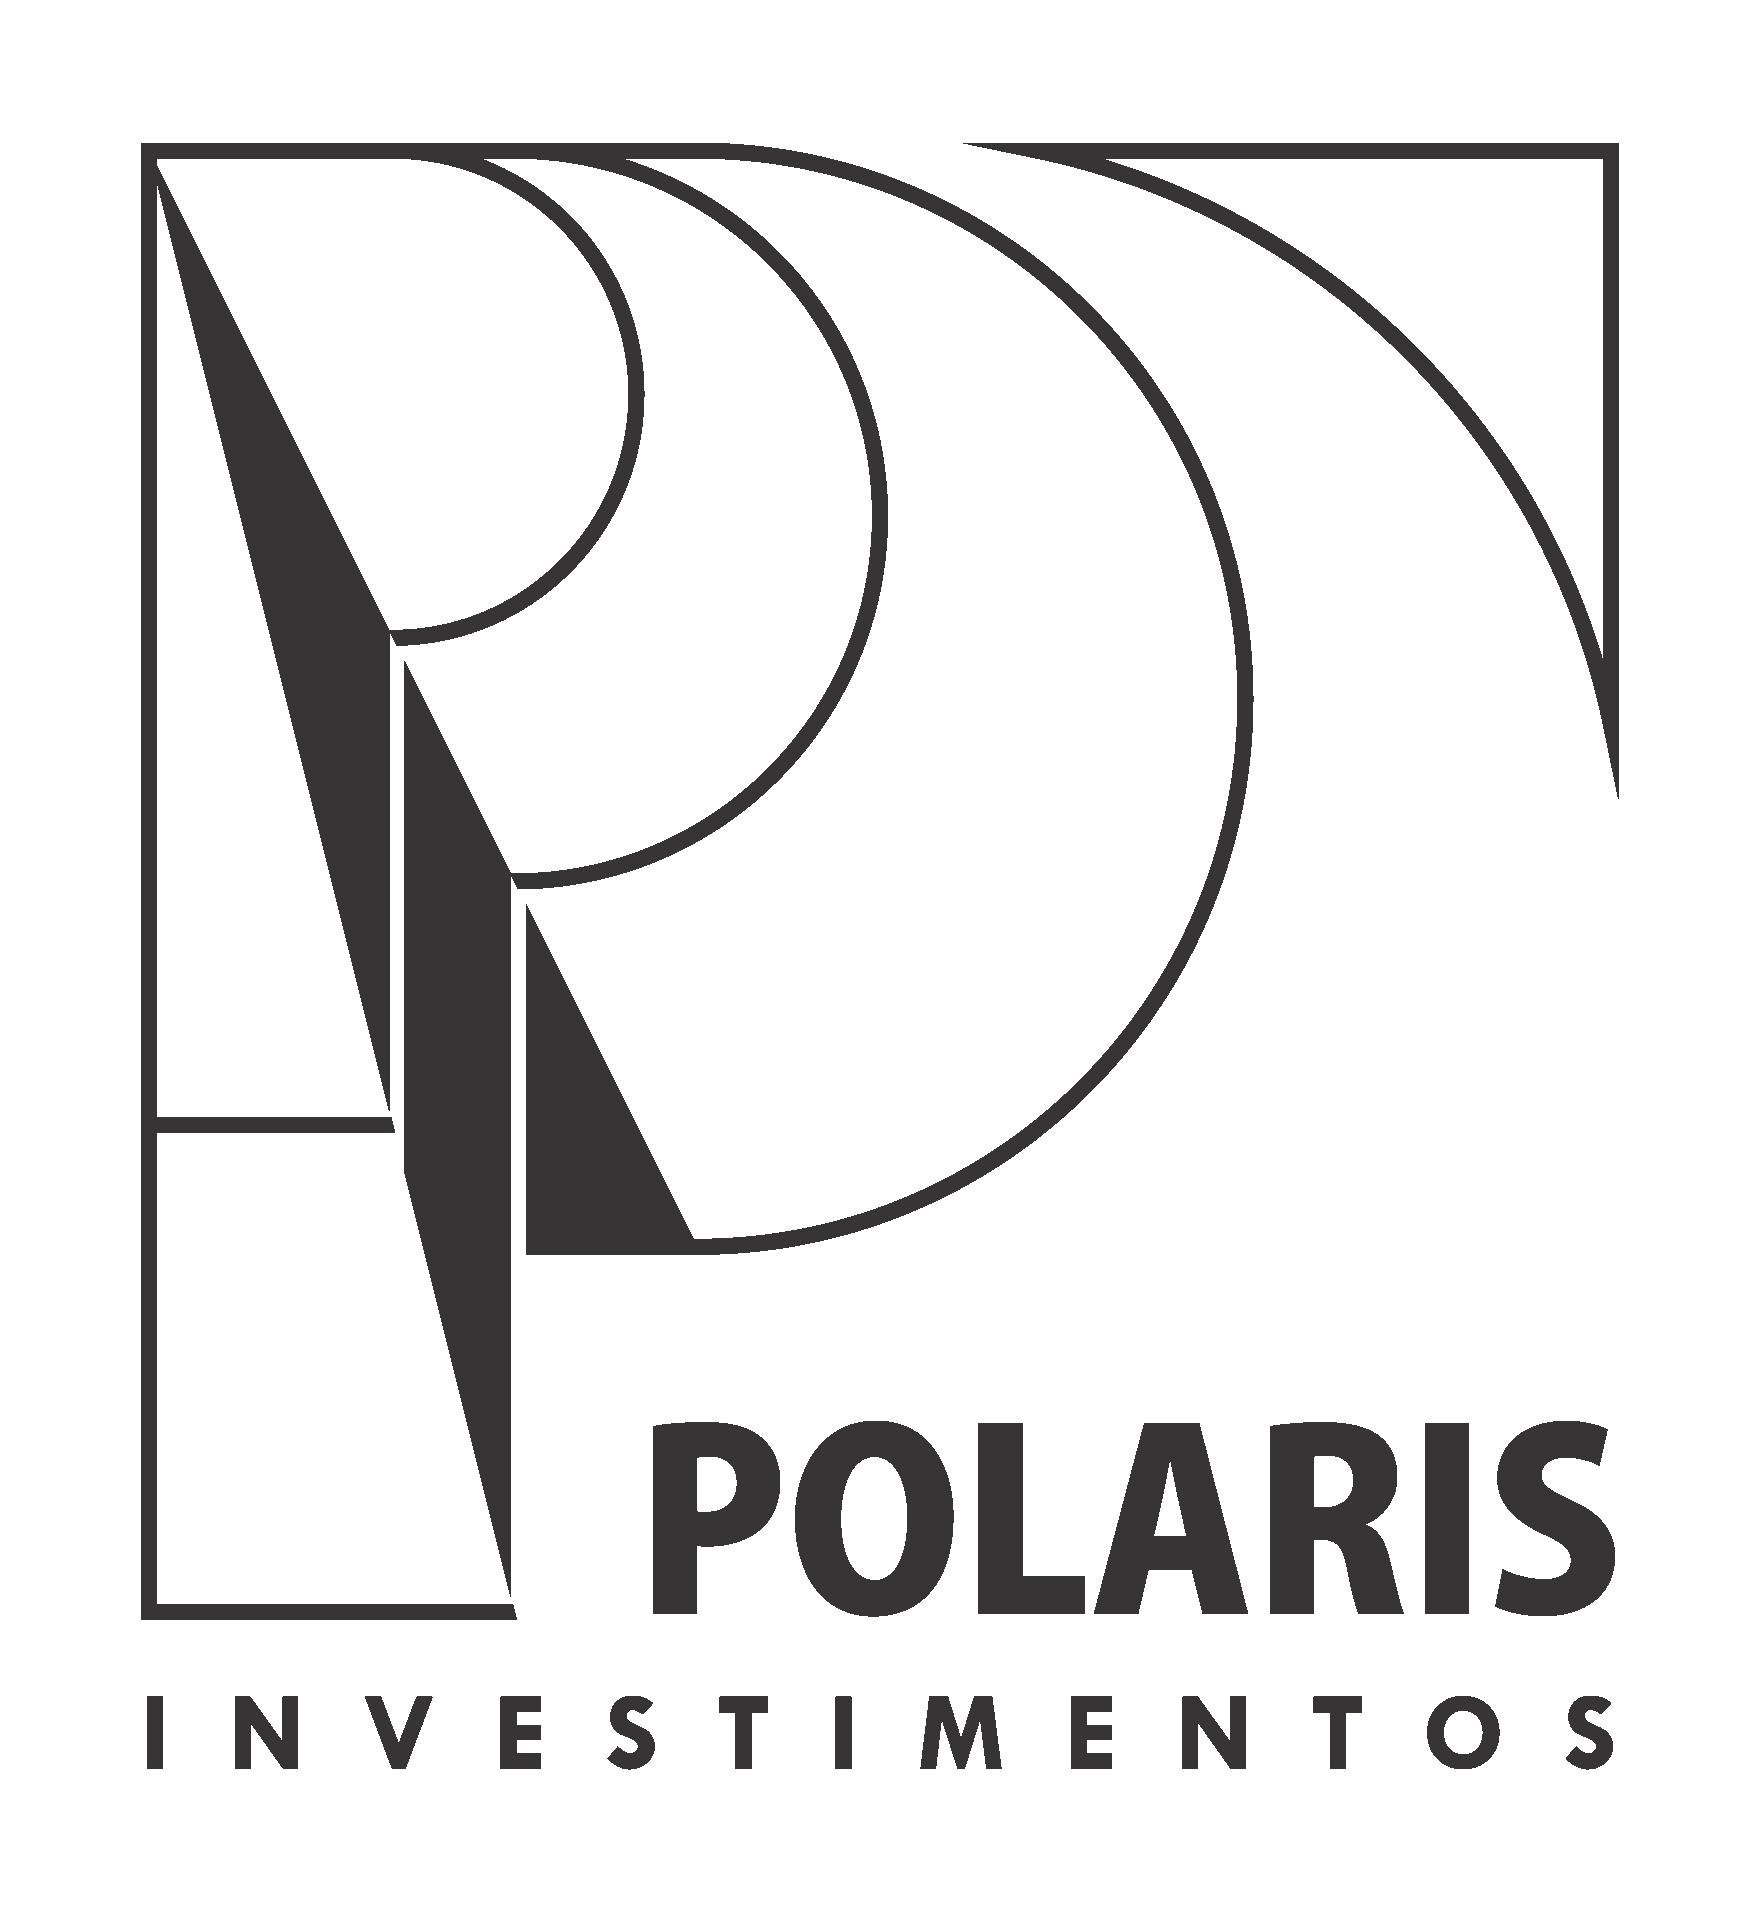 Logo POLARIS – Assinatura Preferencial – Traço em Preto